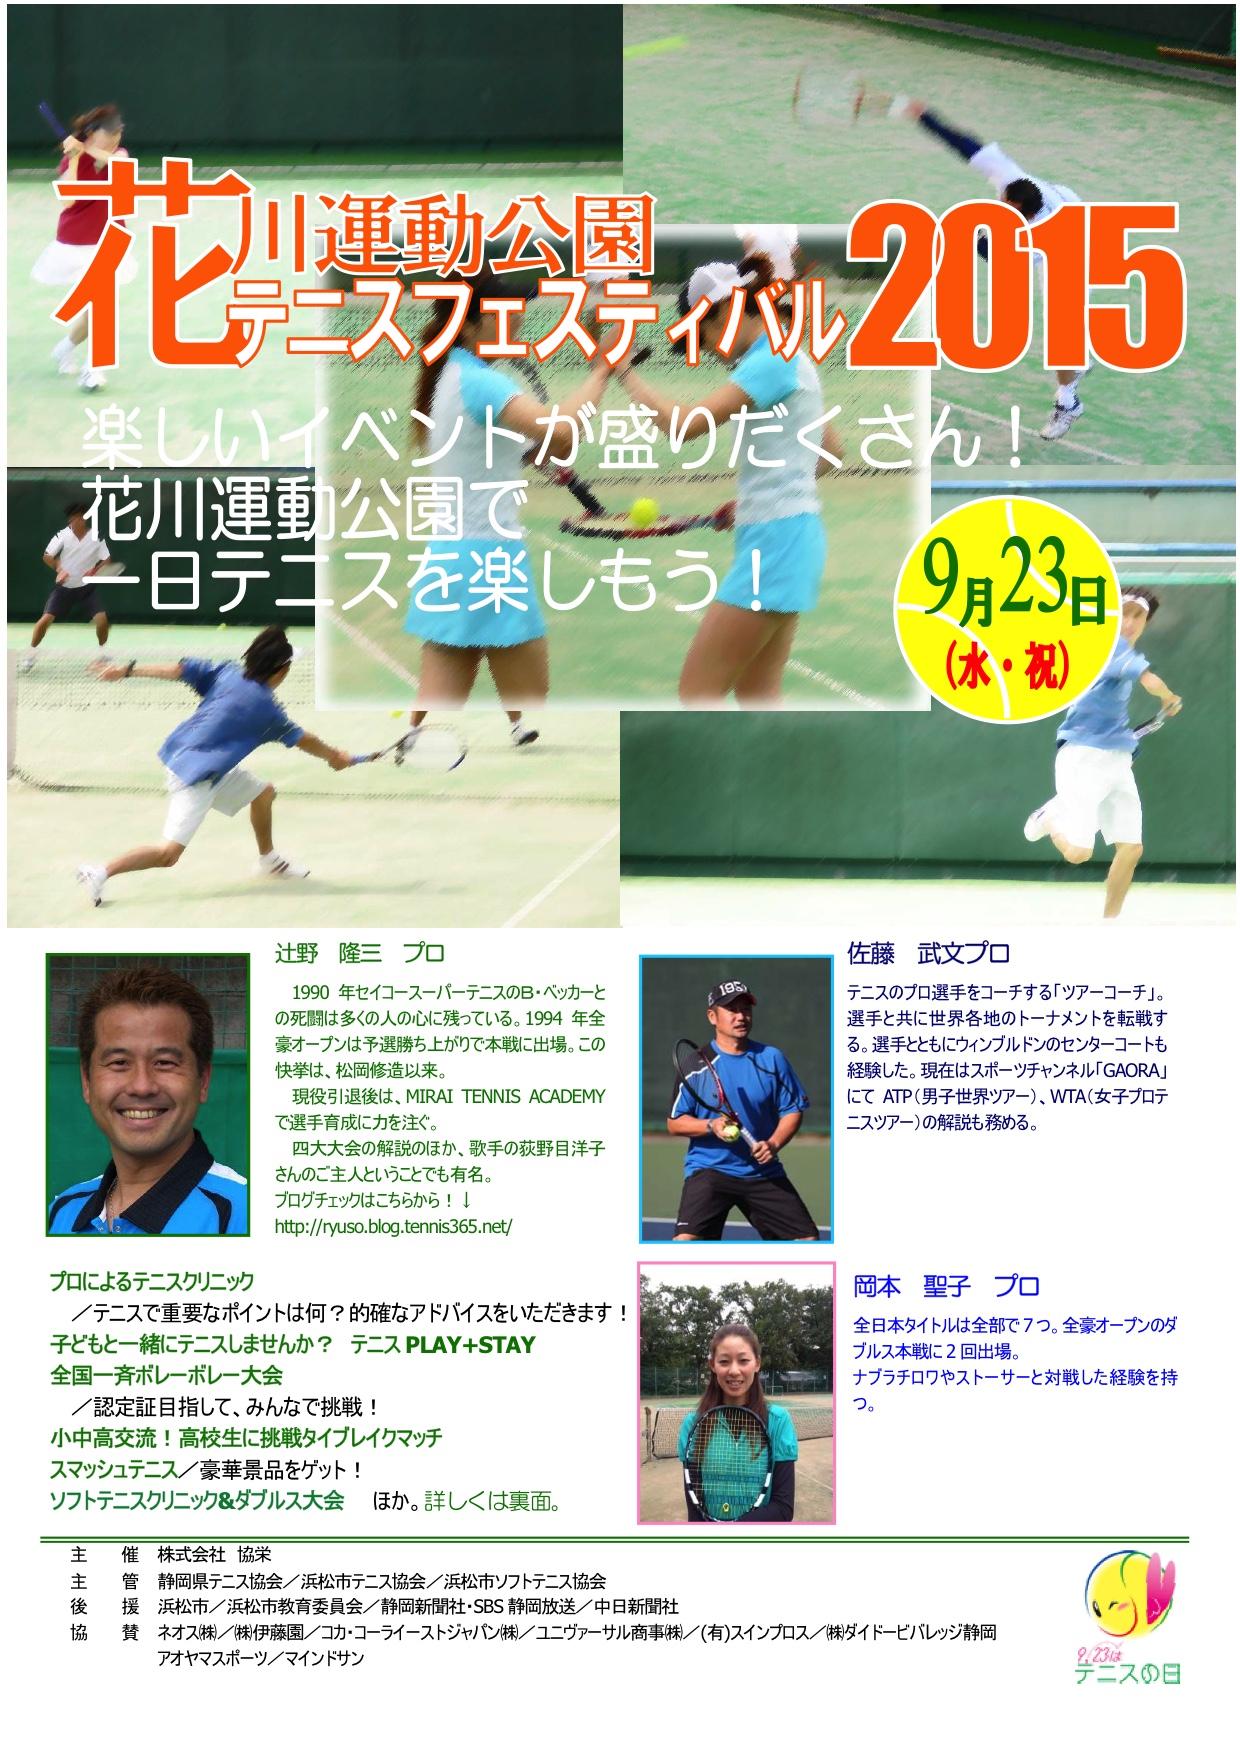 テニスの日2015